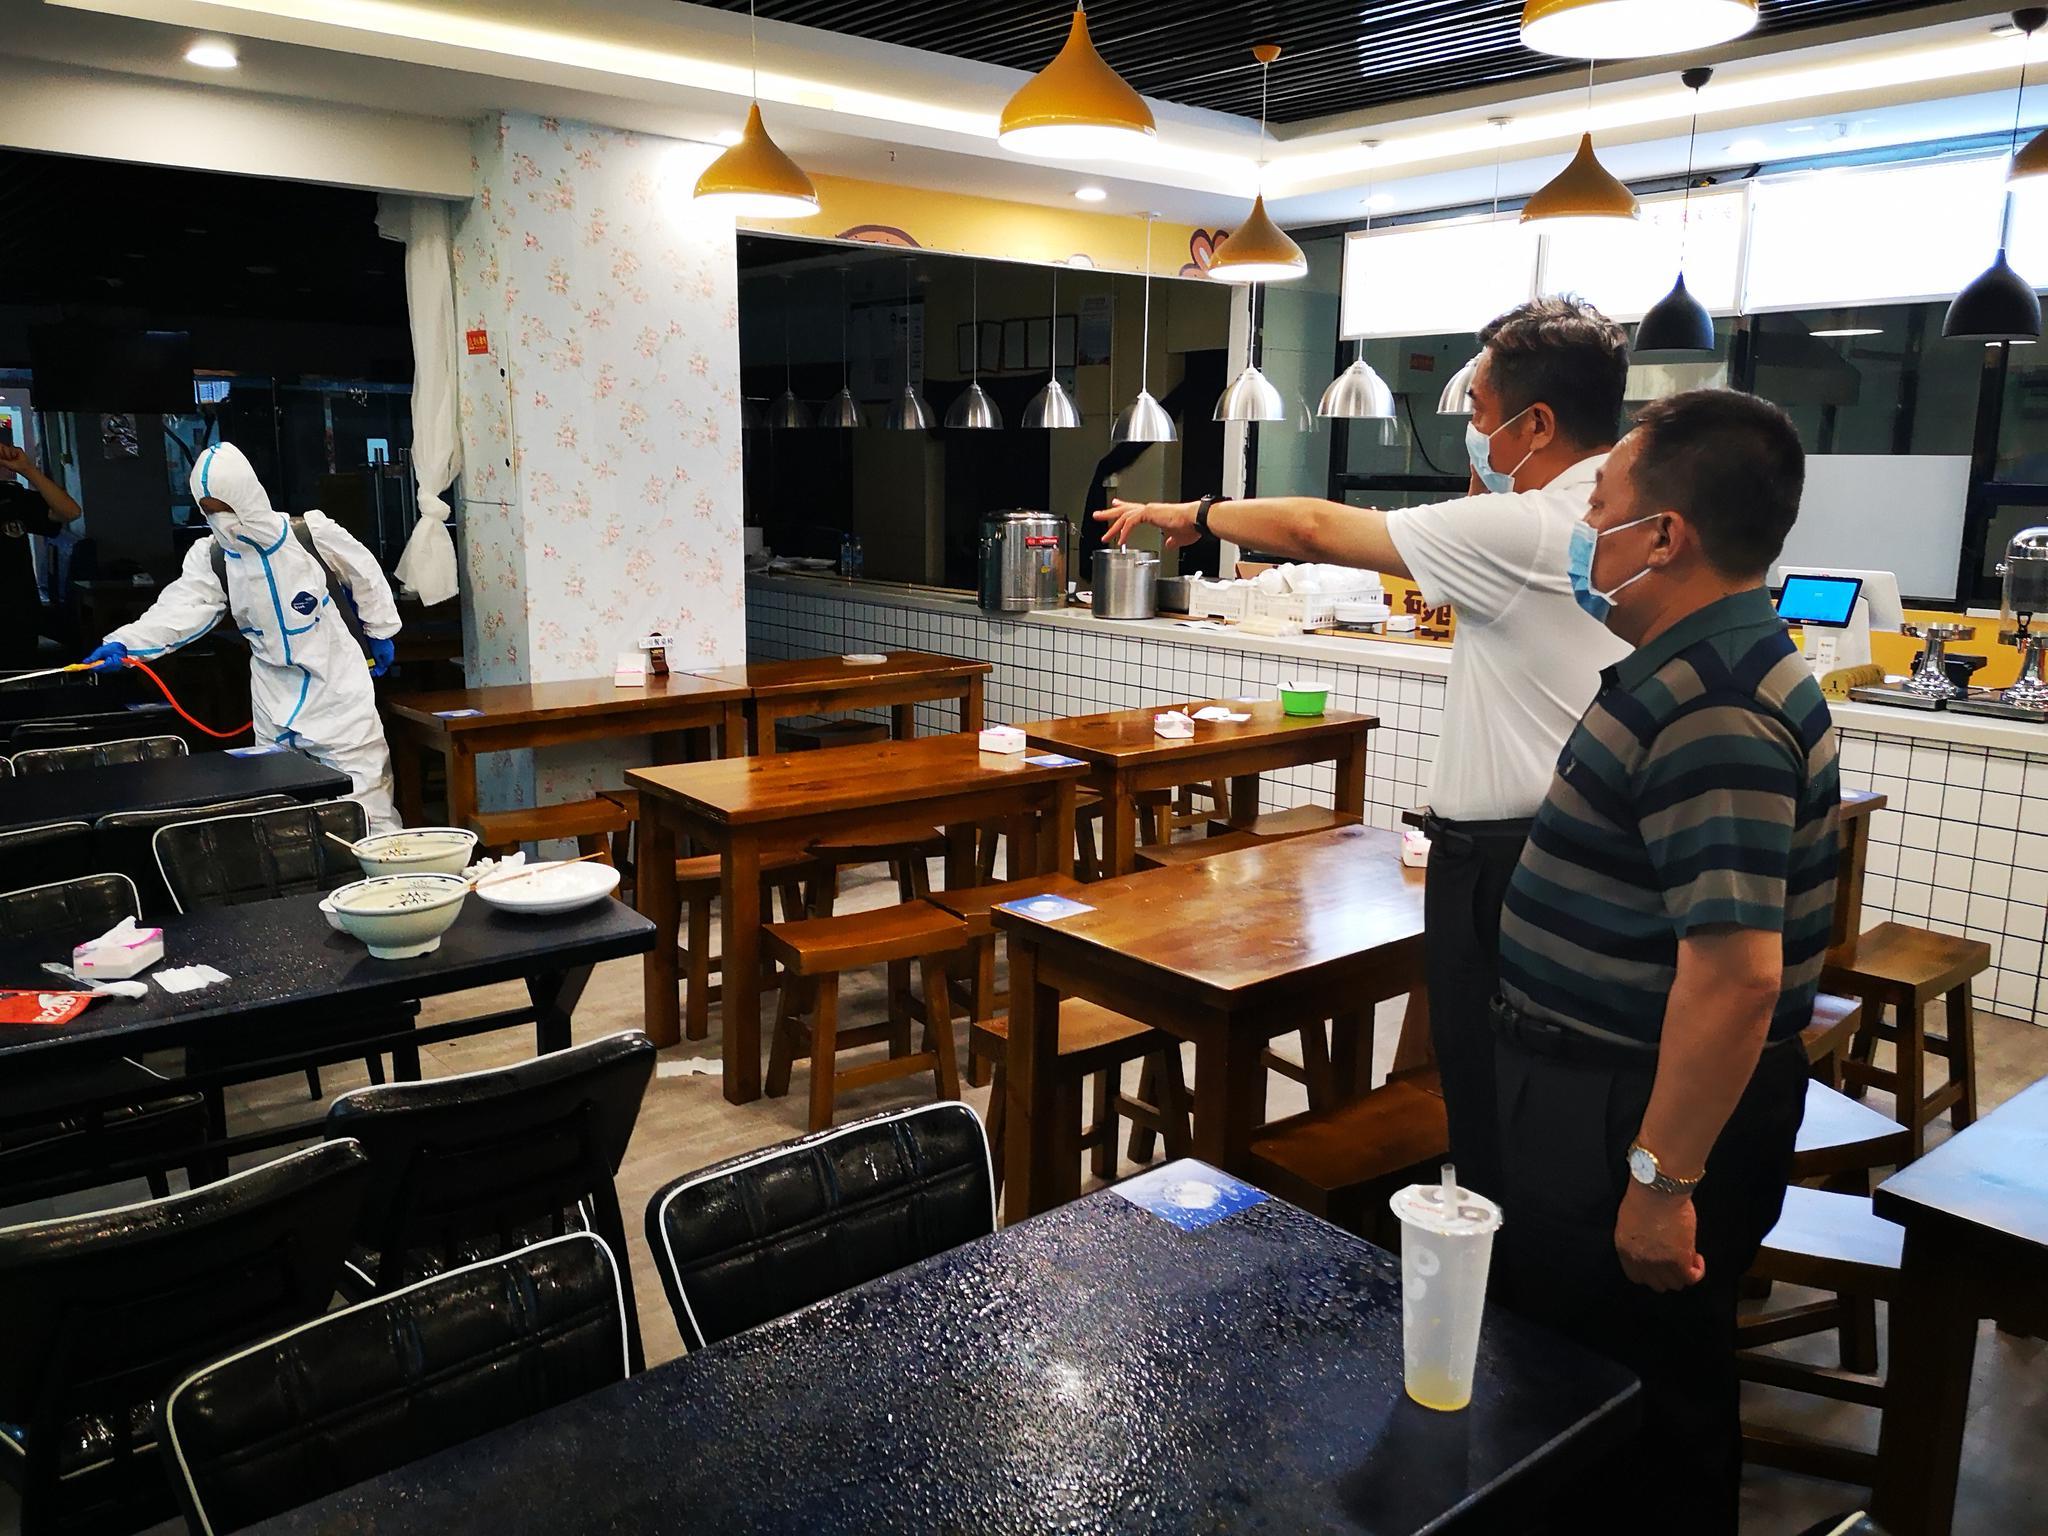 石景山区开展餐饮单位消杀事情。石景山区供图